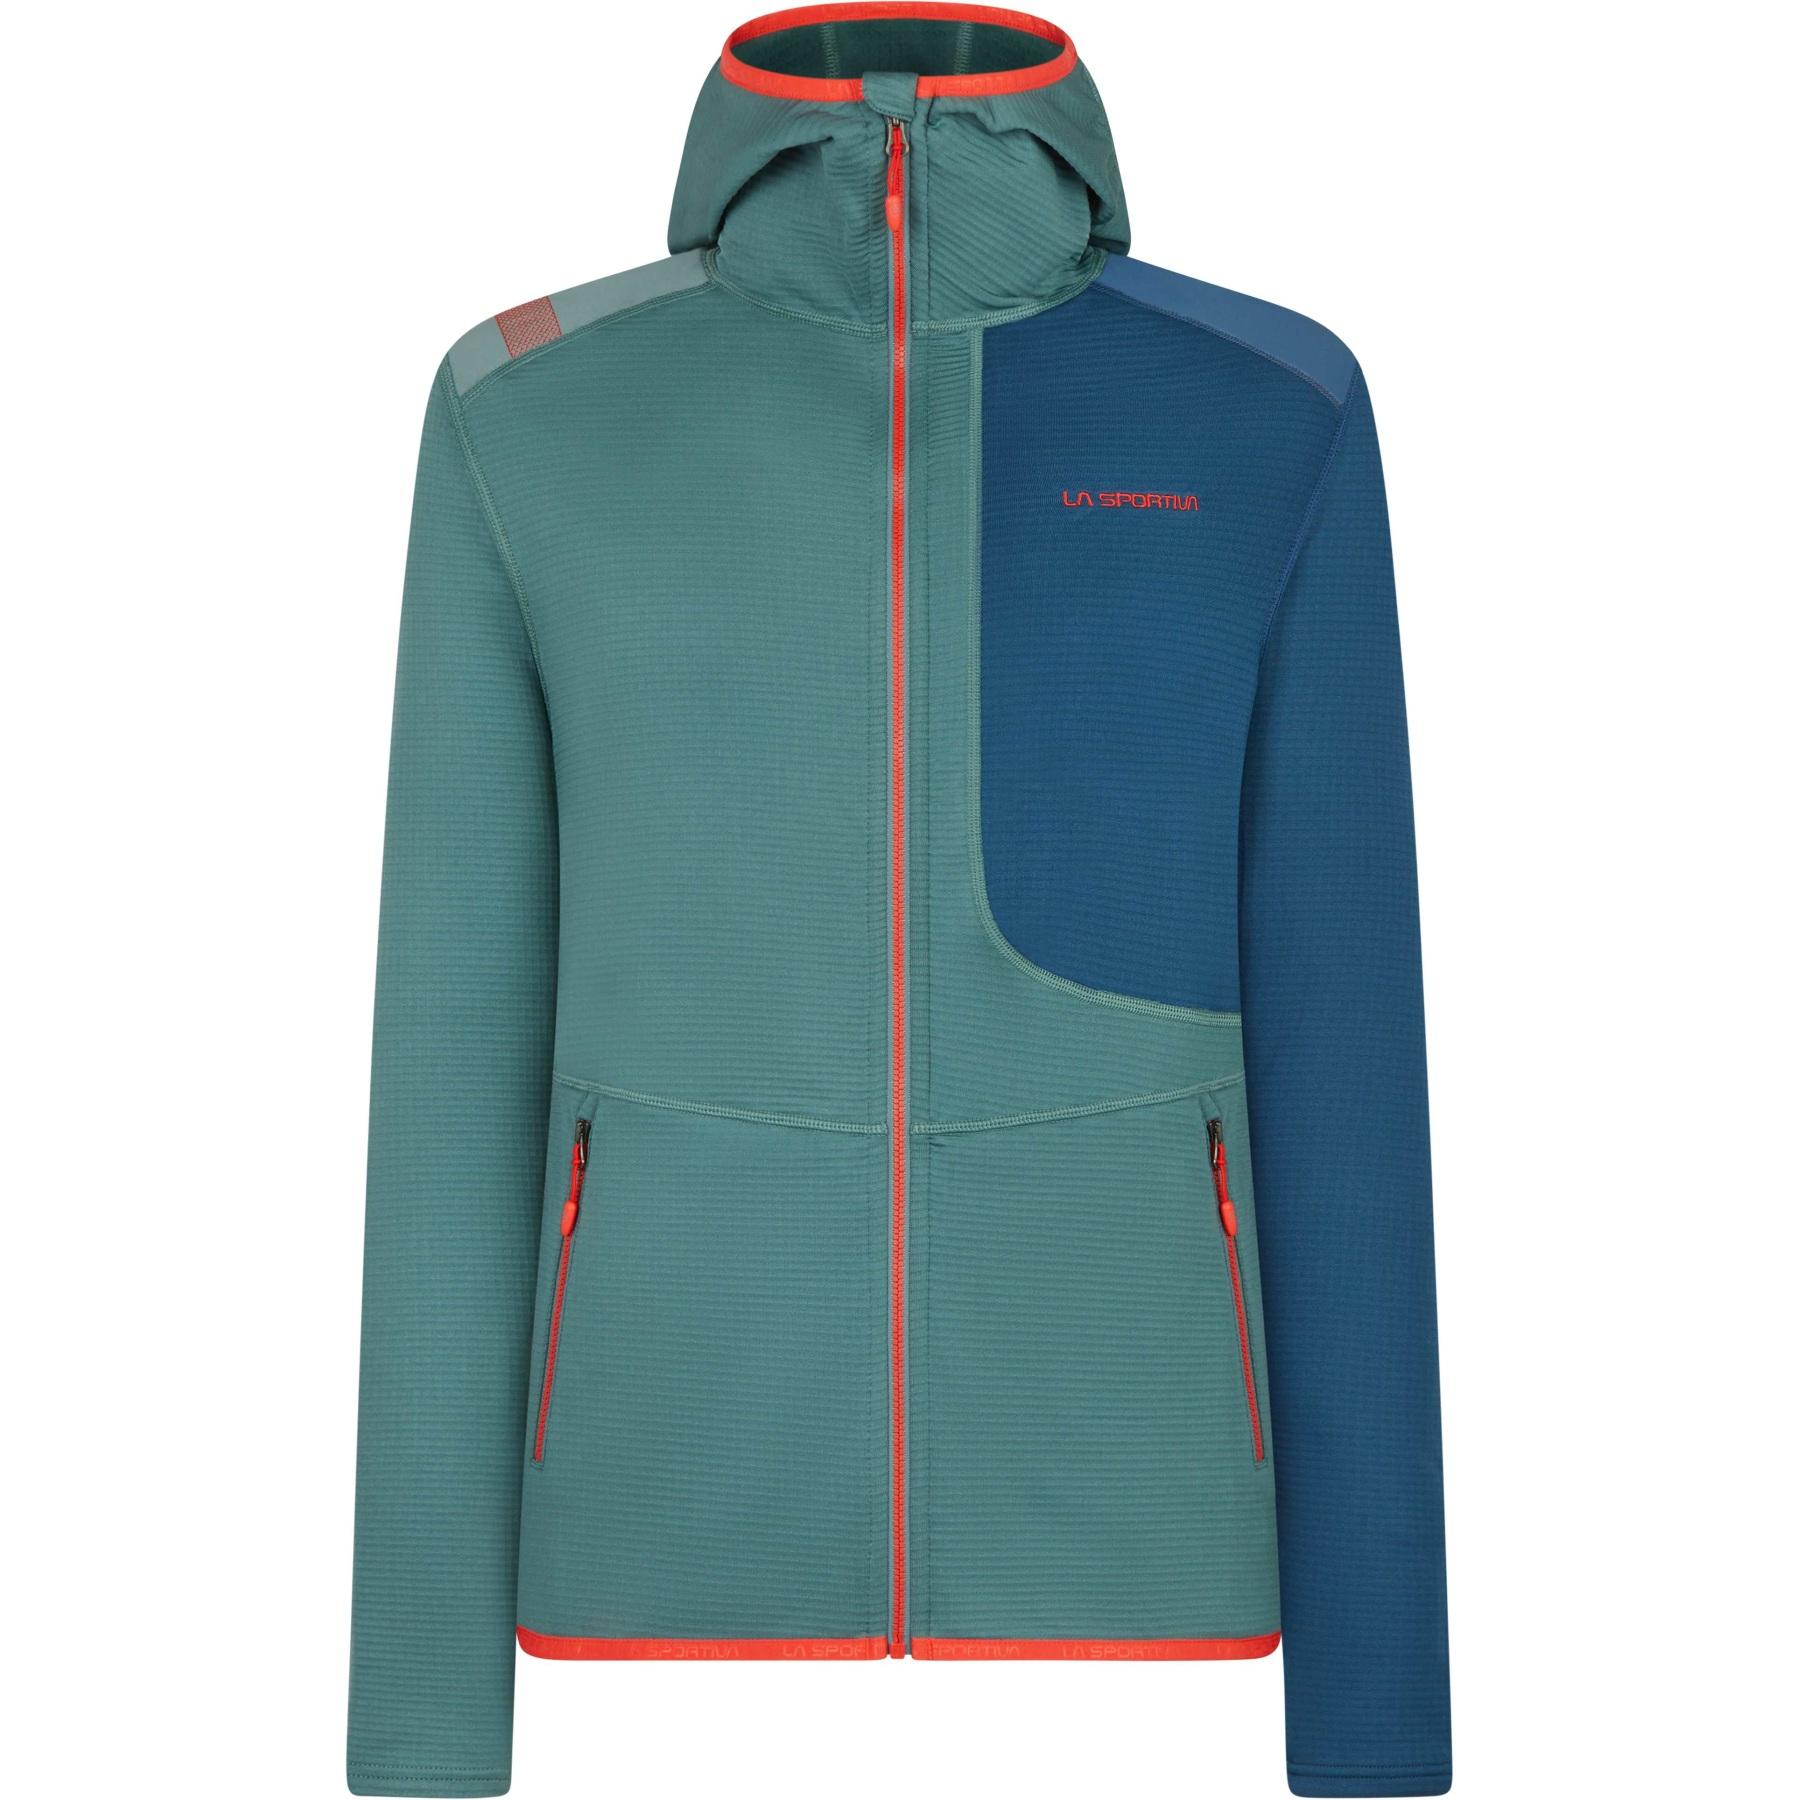 La Sportiva Upendo Hoody Jacket - Pine/Opal